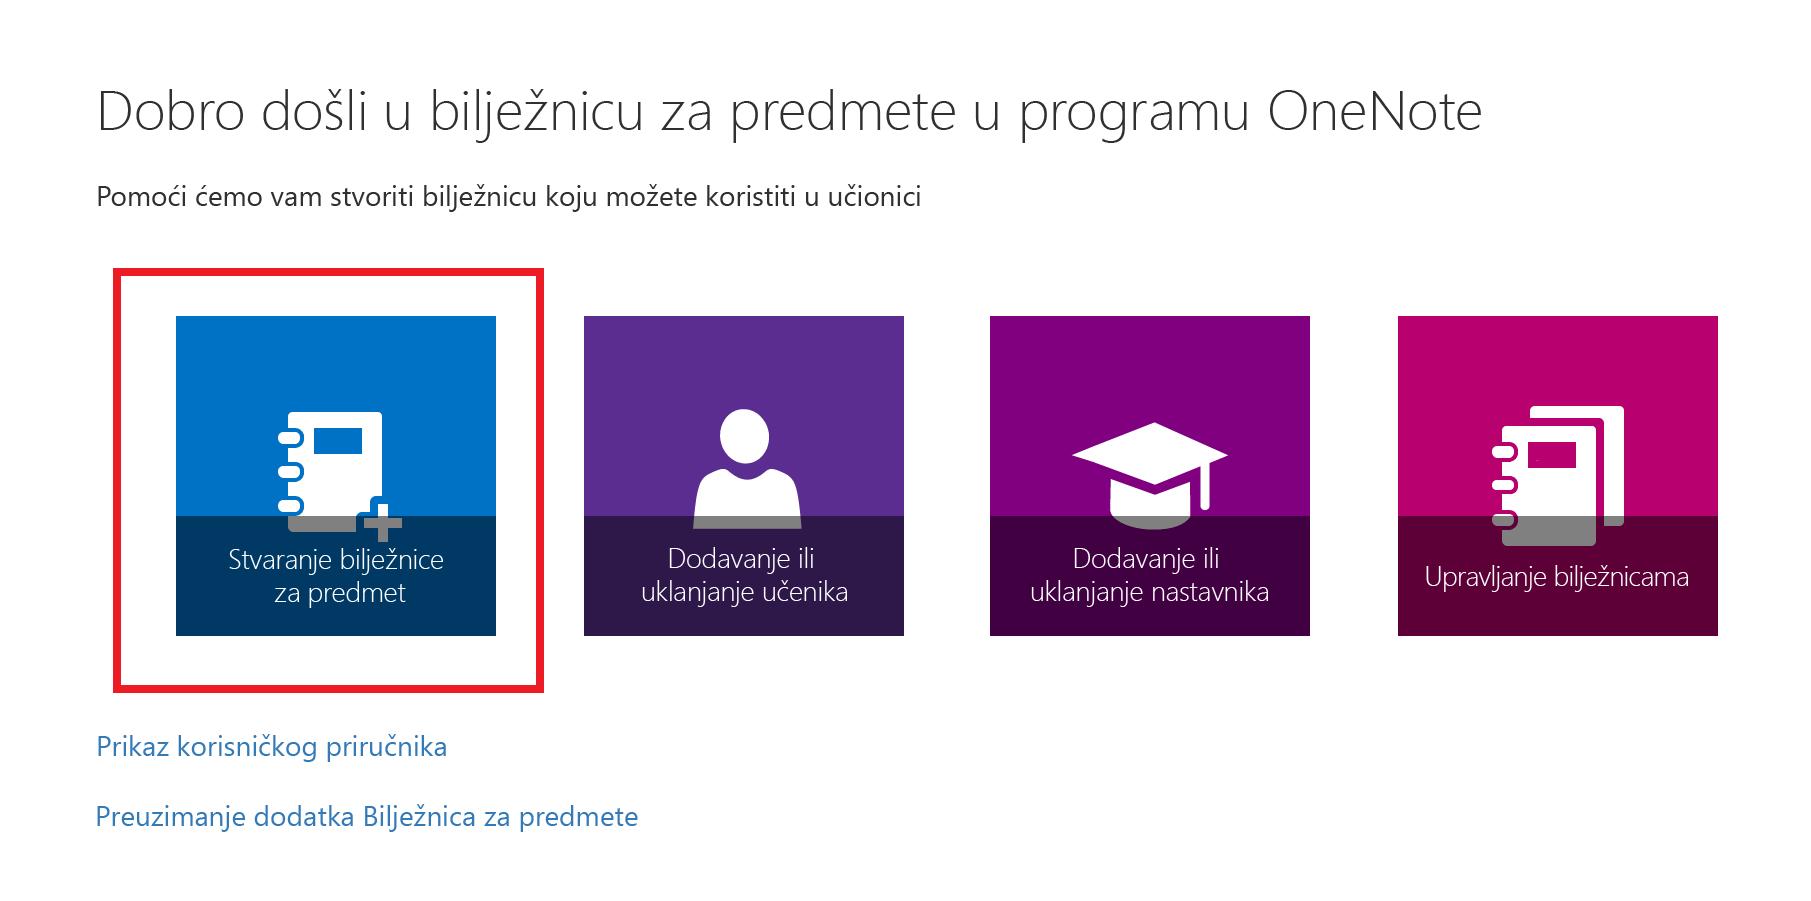 Snimka zaslona sa stranicom dobrodošlice u aplikaciji Bilježnica za predmete.